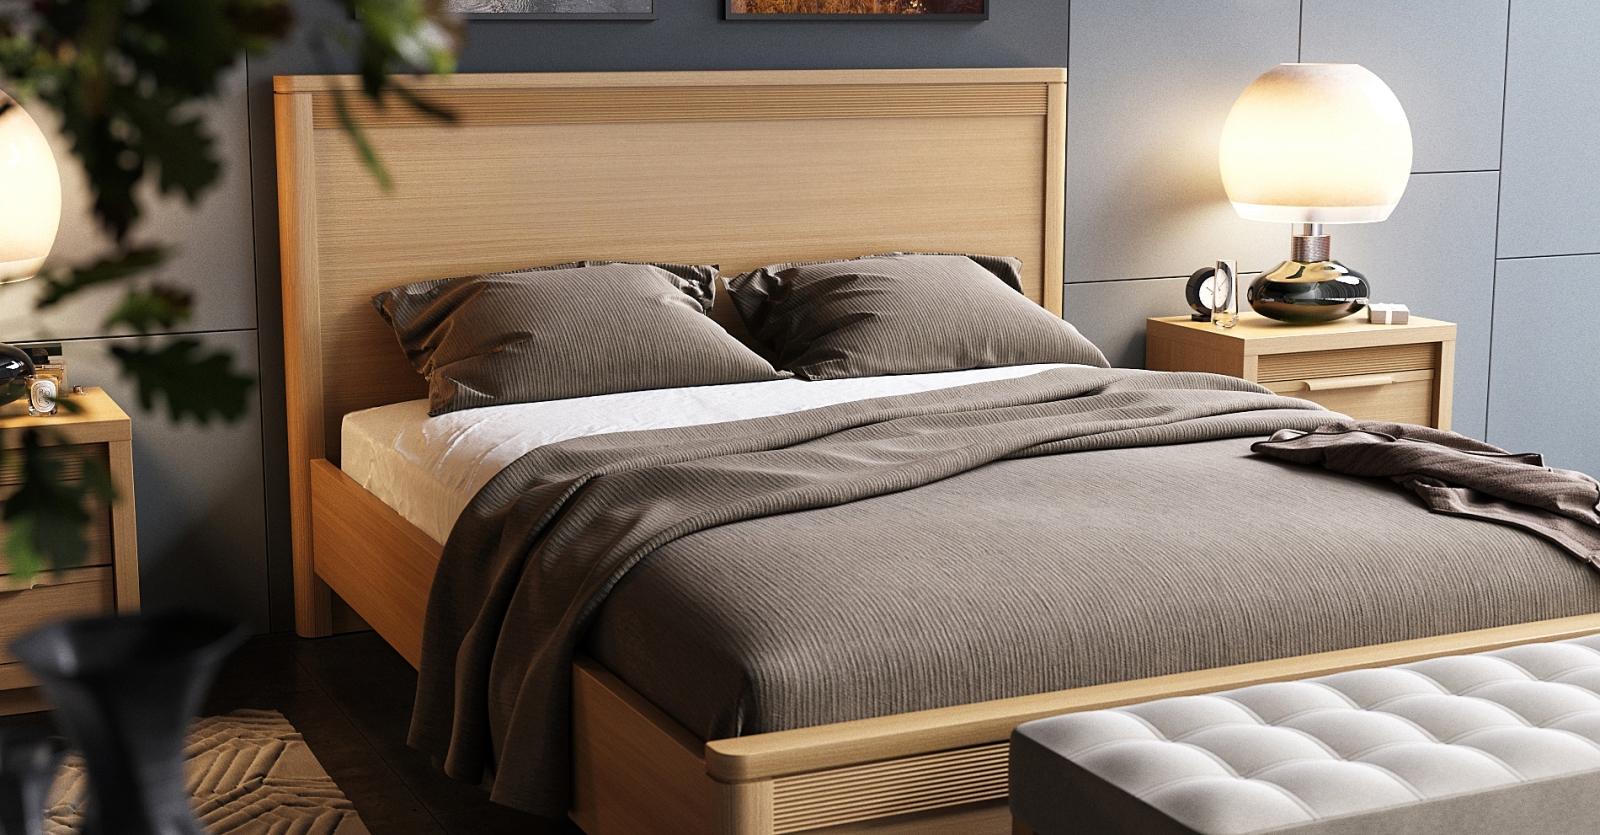 Bedroom_01-2-1